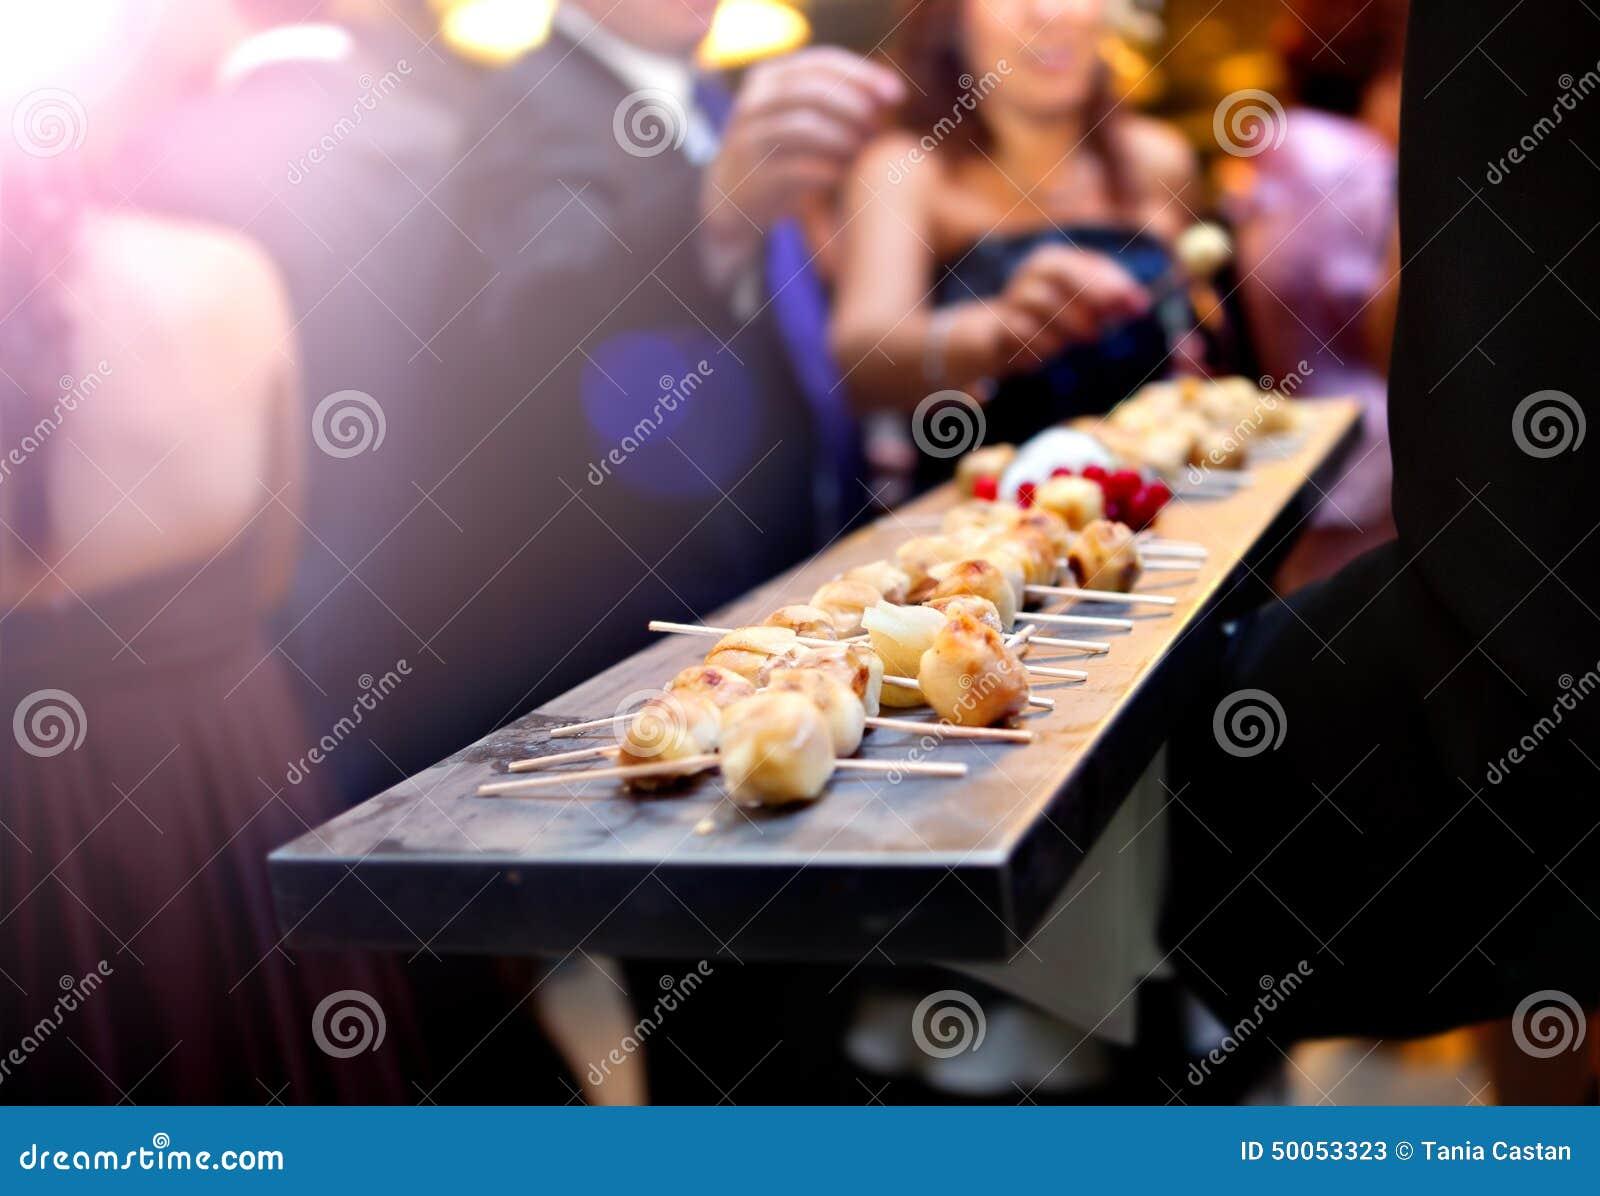 De cateringsdienst Modern voedsel of voorgerecht voor gebeurtenissen en vieringen